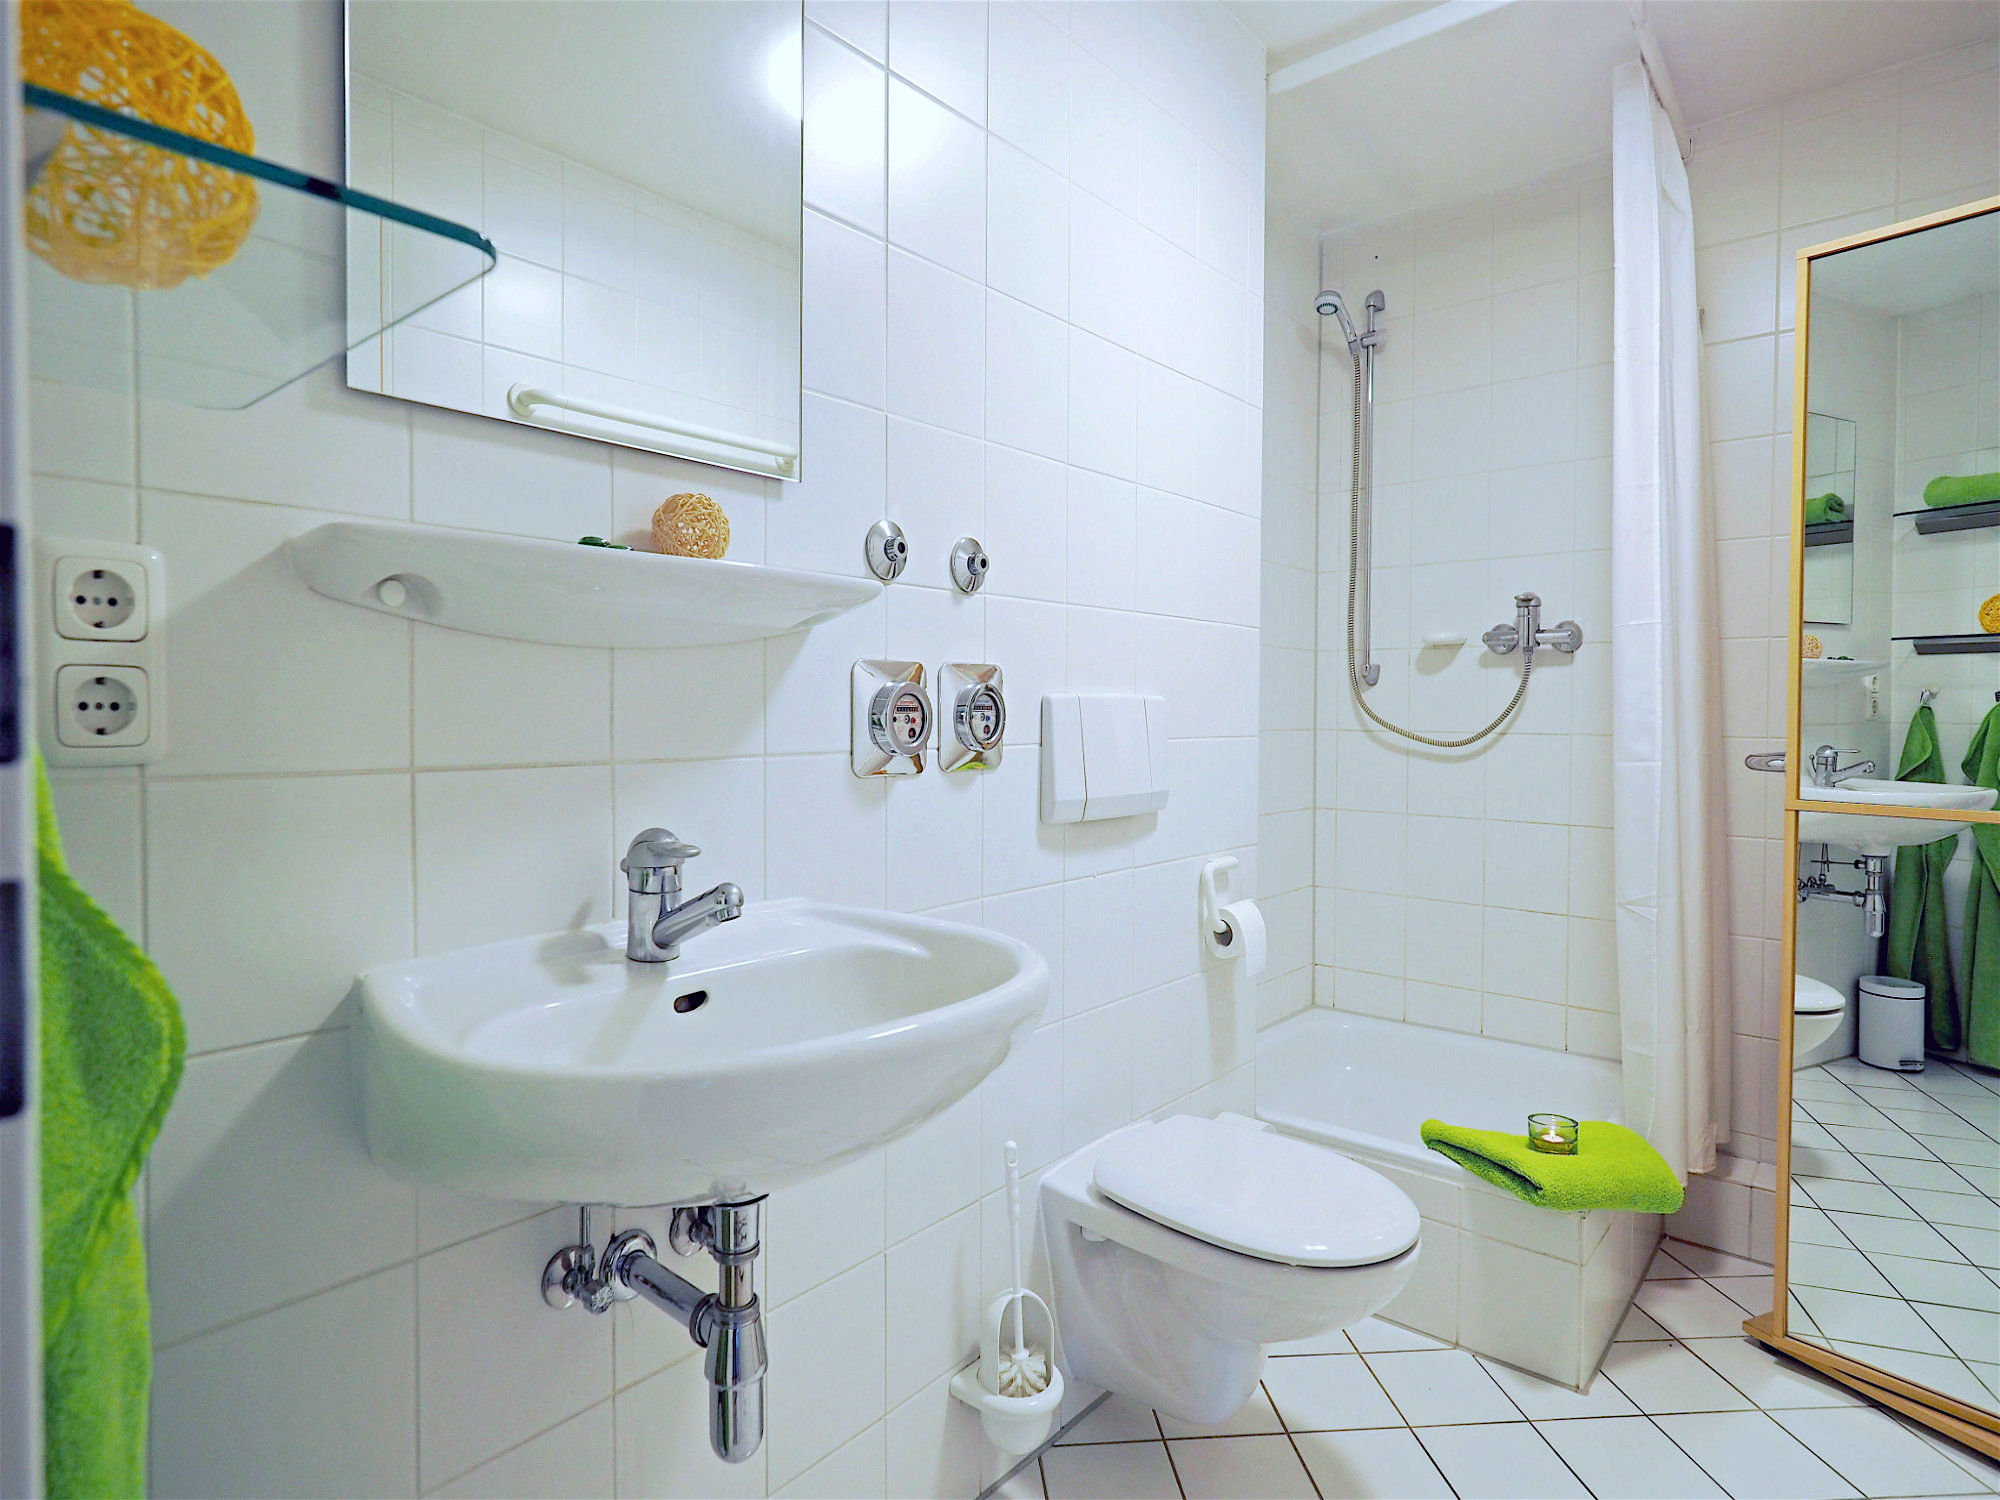 Duschbad mit Waschbecken, WC, Dusche und Hochschrank mit Spiegelfront